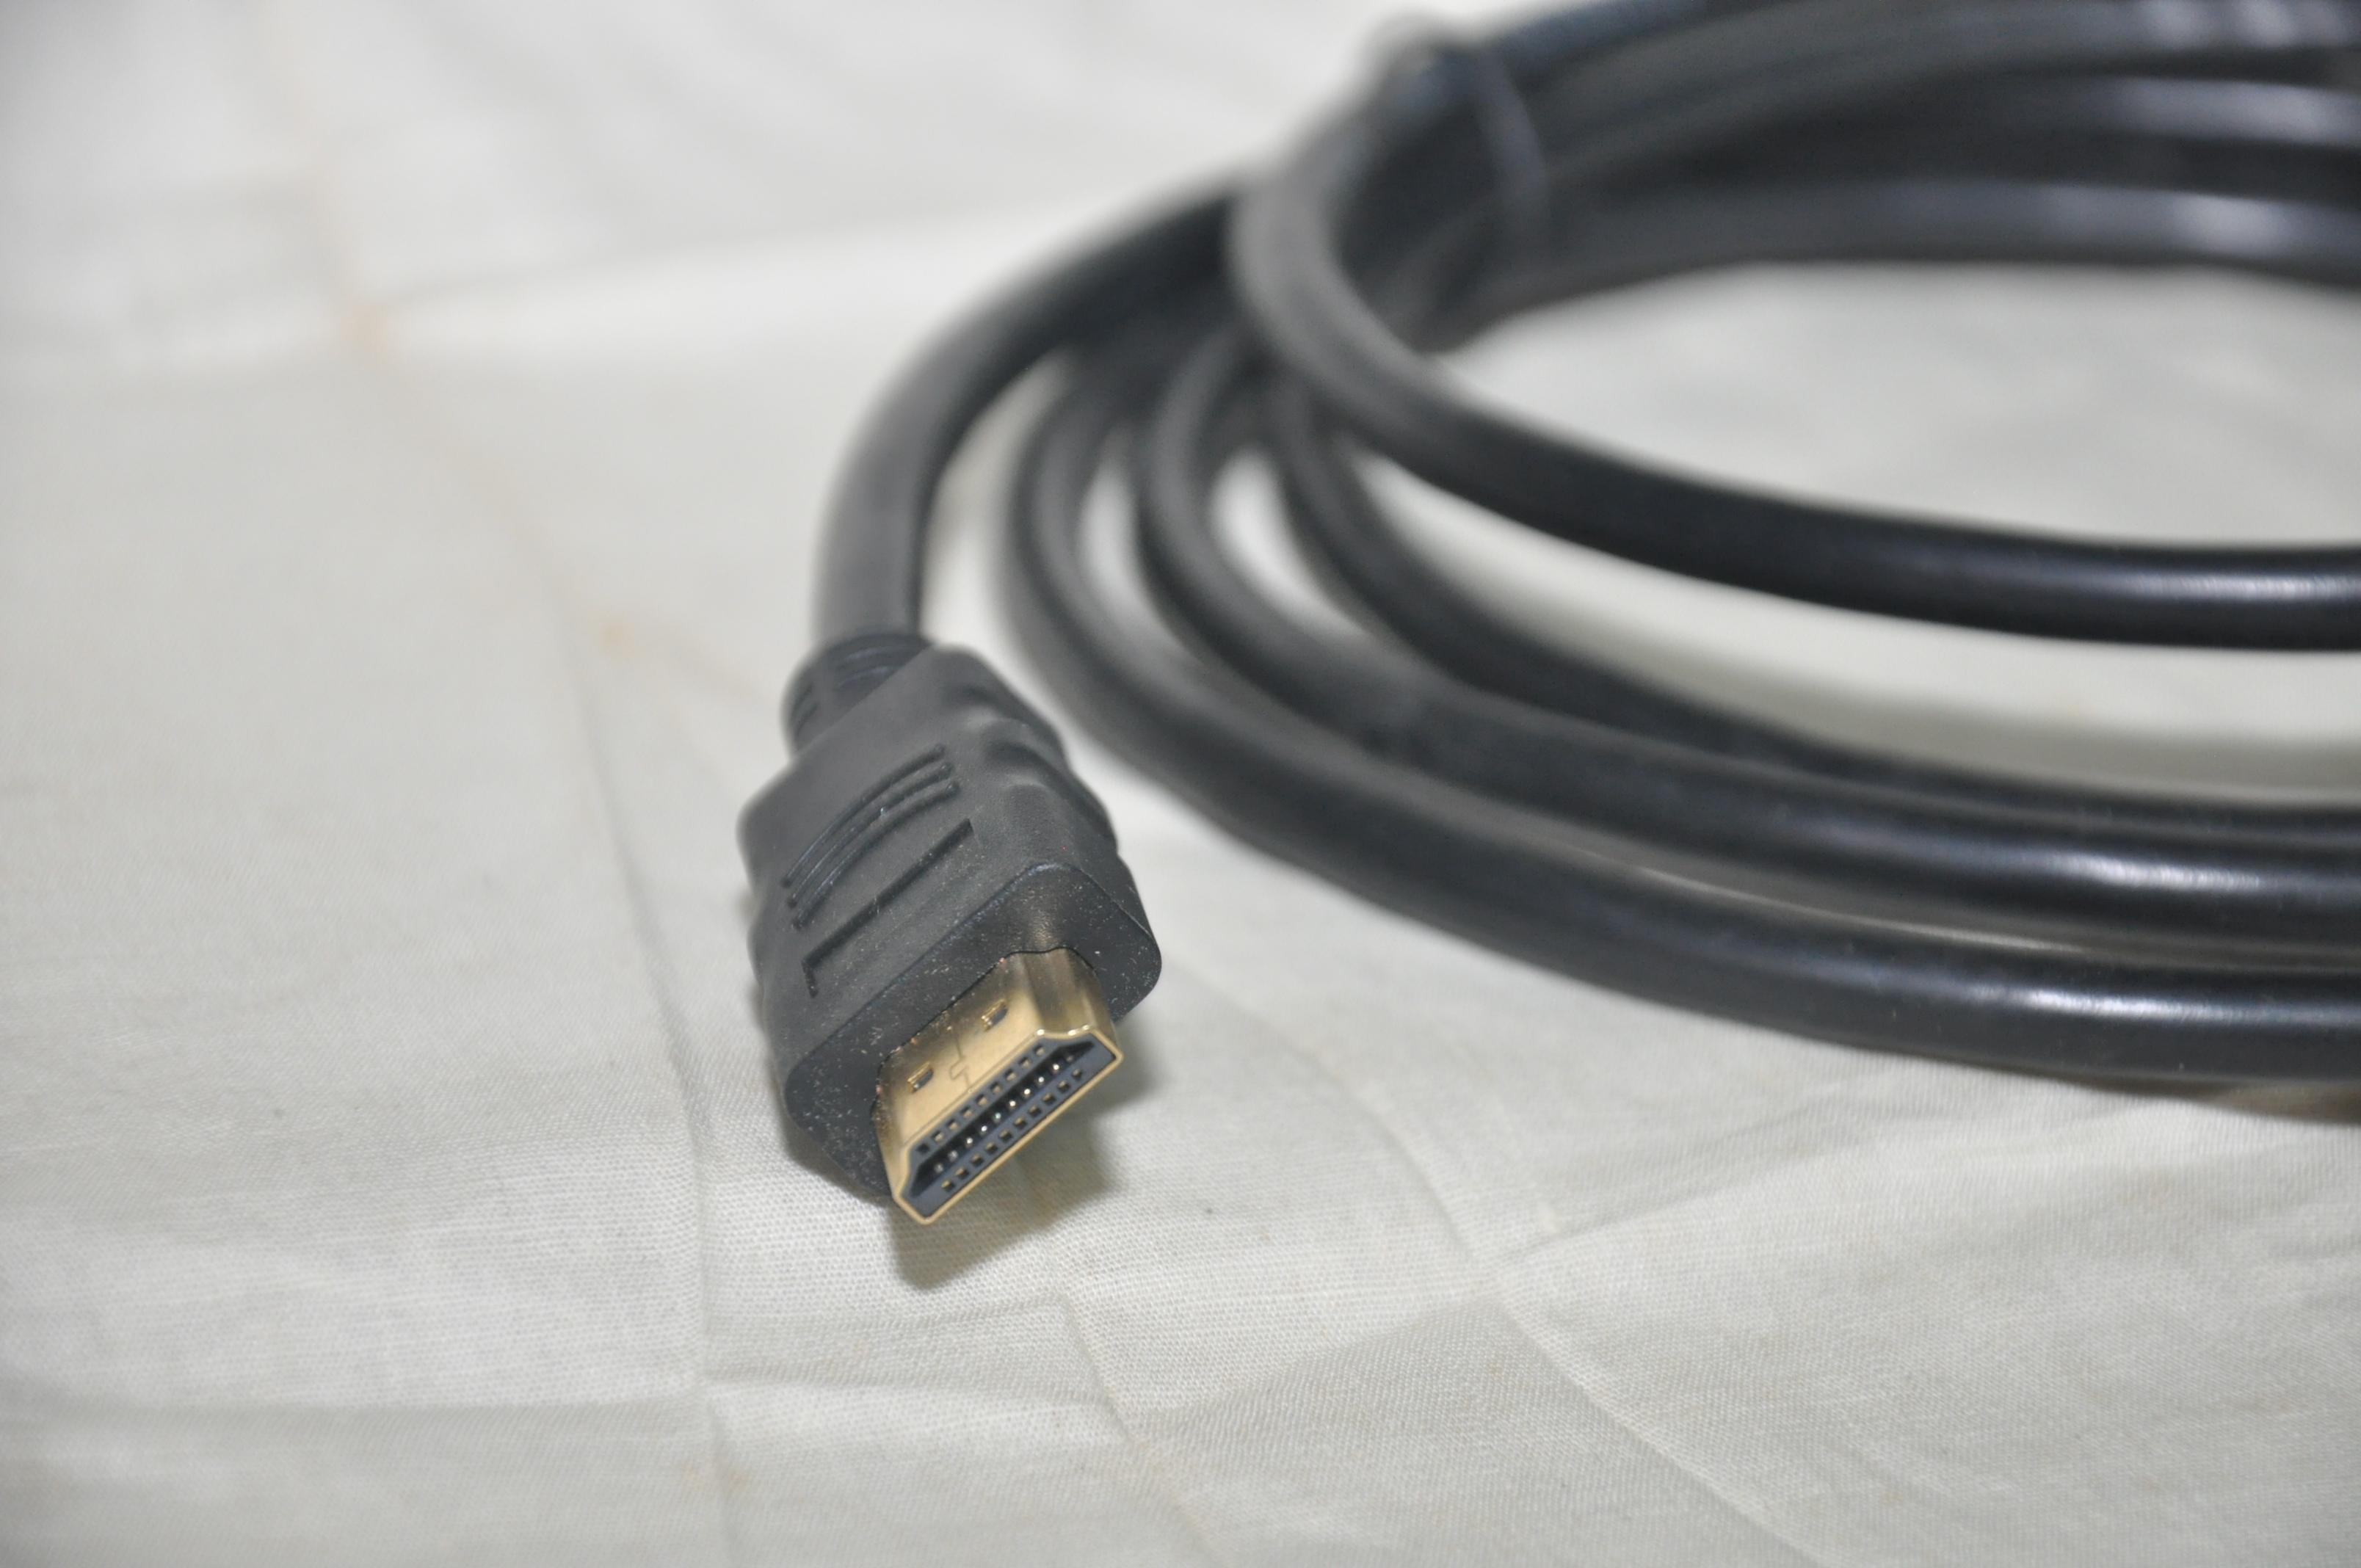 Perfect Hdmi Wire Color Diagram Ensign - The Wire - magnox.info